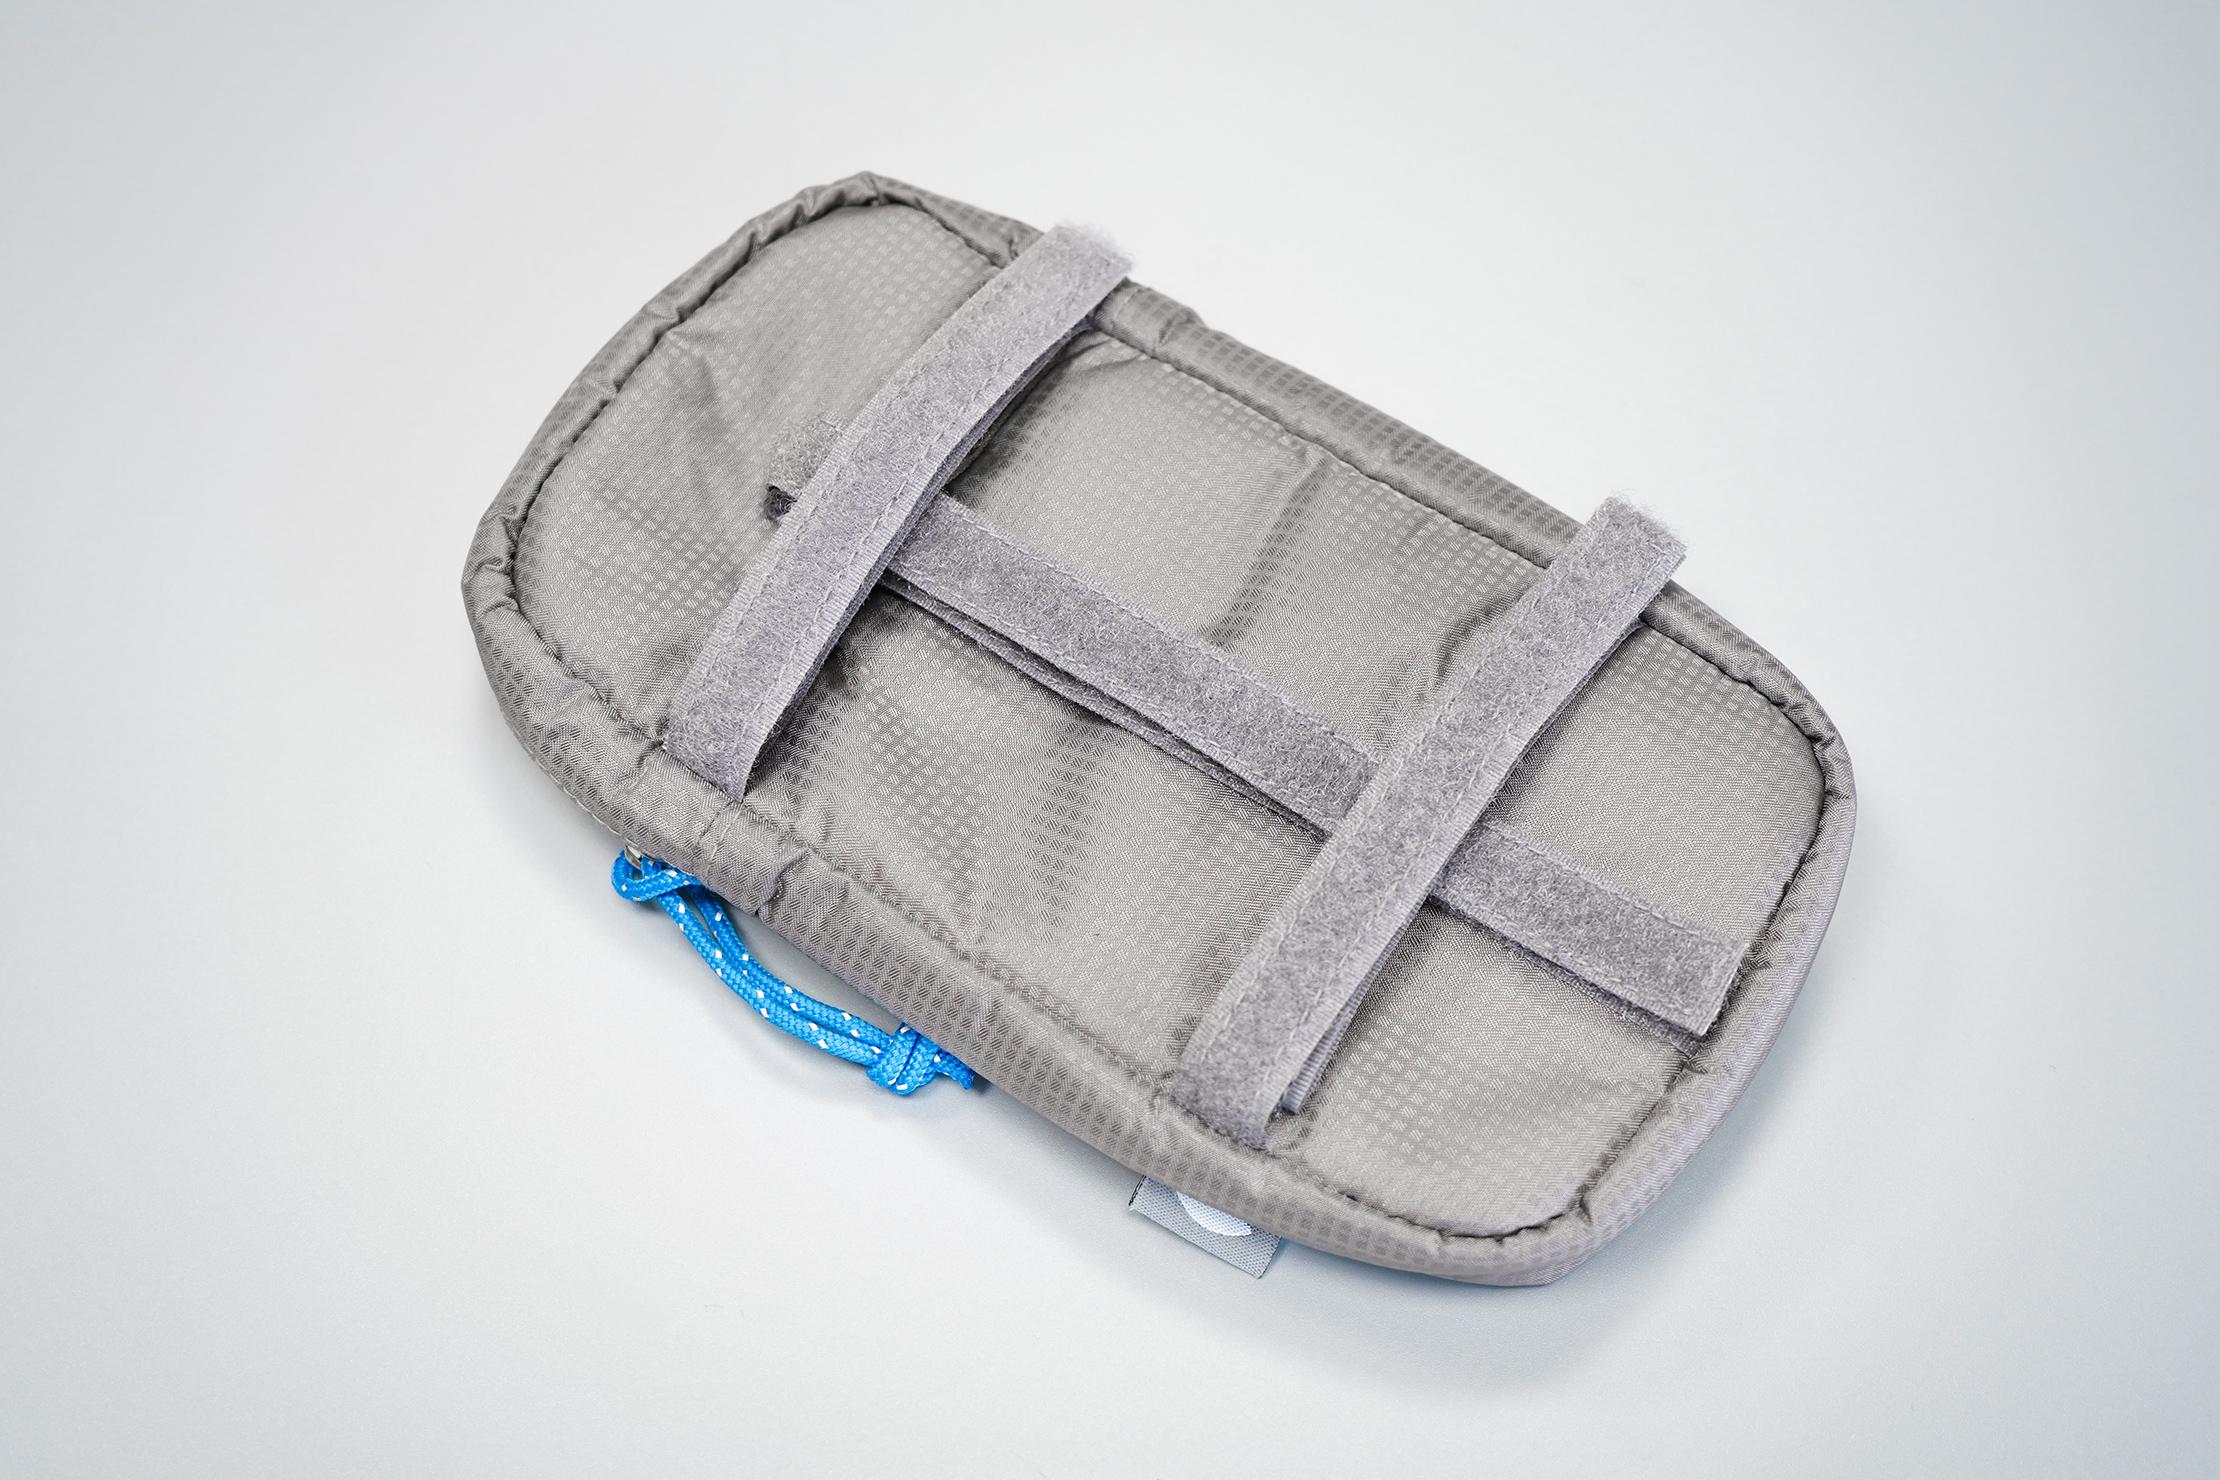 Gossamer Gear Shoulder Strap Pocket | Velcro straps